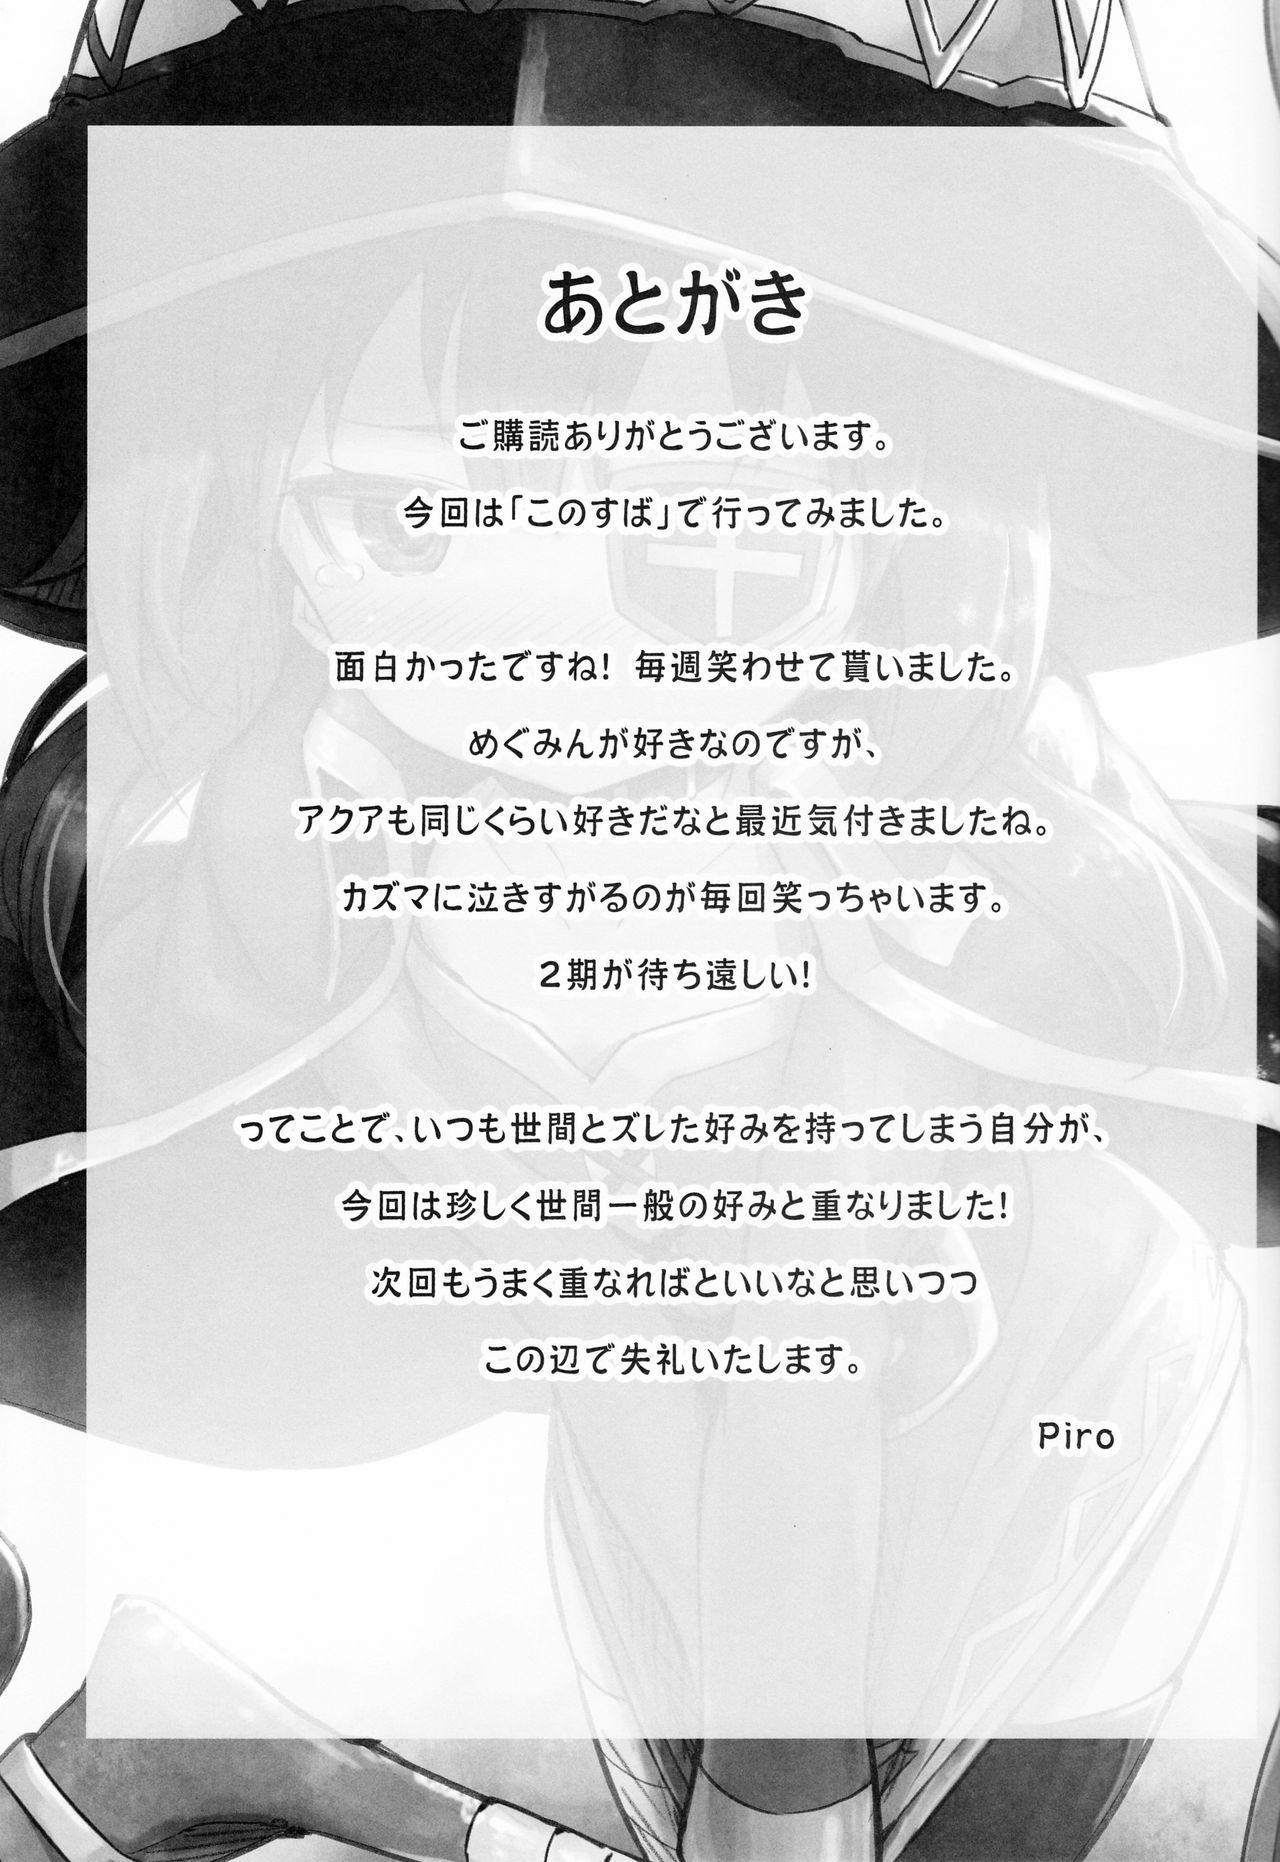 Kono Bakuretsudou ni Gohoubi o! |為爆裂魔法獻上讚美! 26